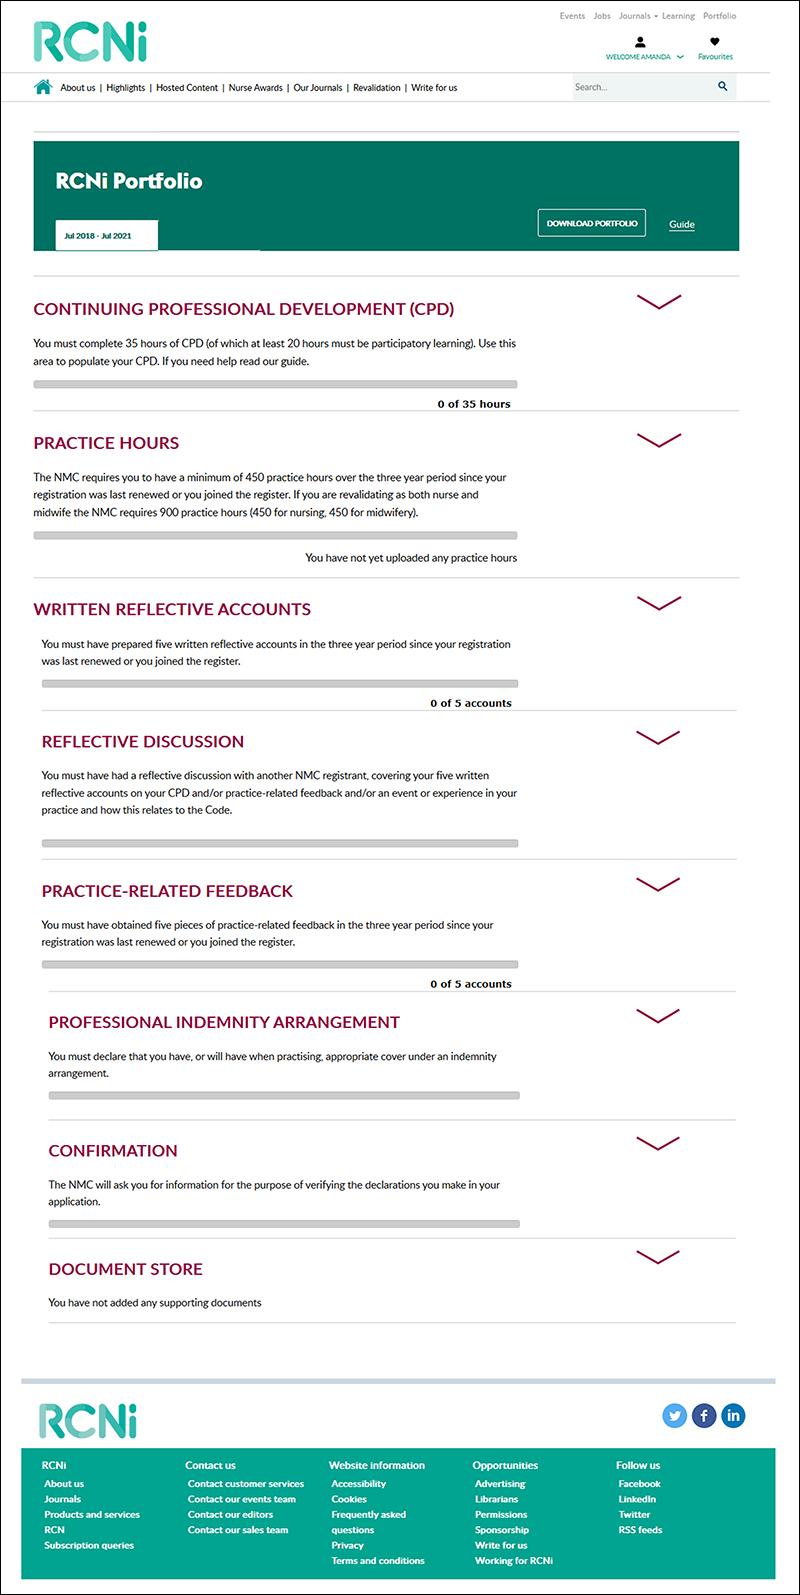 Your guide to the RCNi Portfolio   RCNi